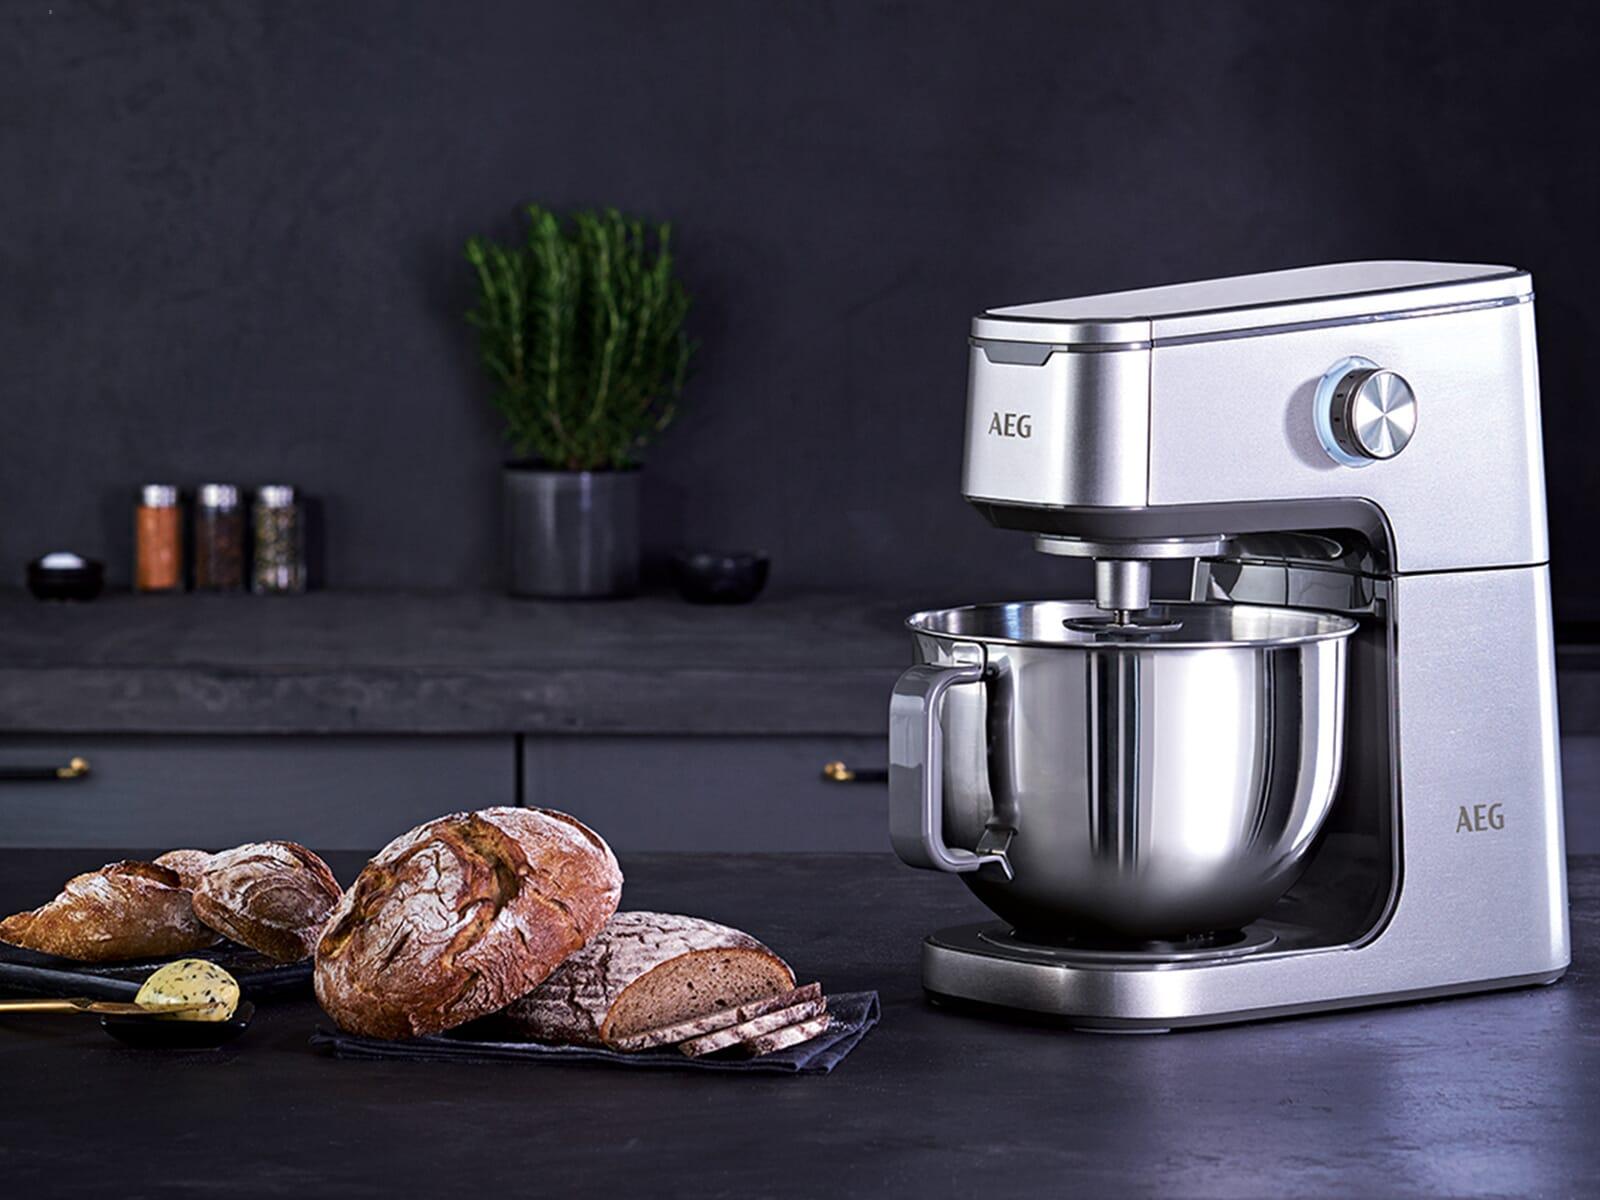 AEG KM7300 Küchenmaschine Silberfarben